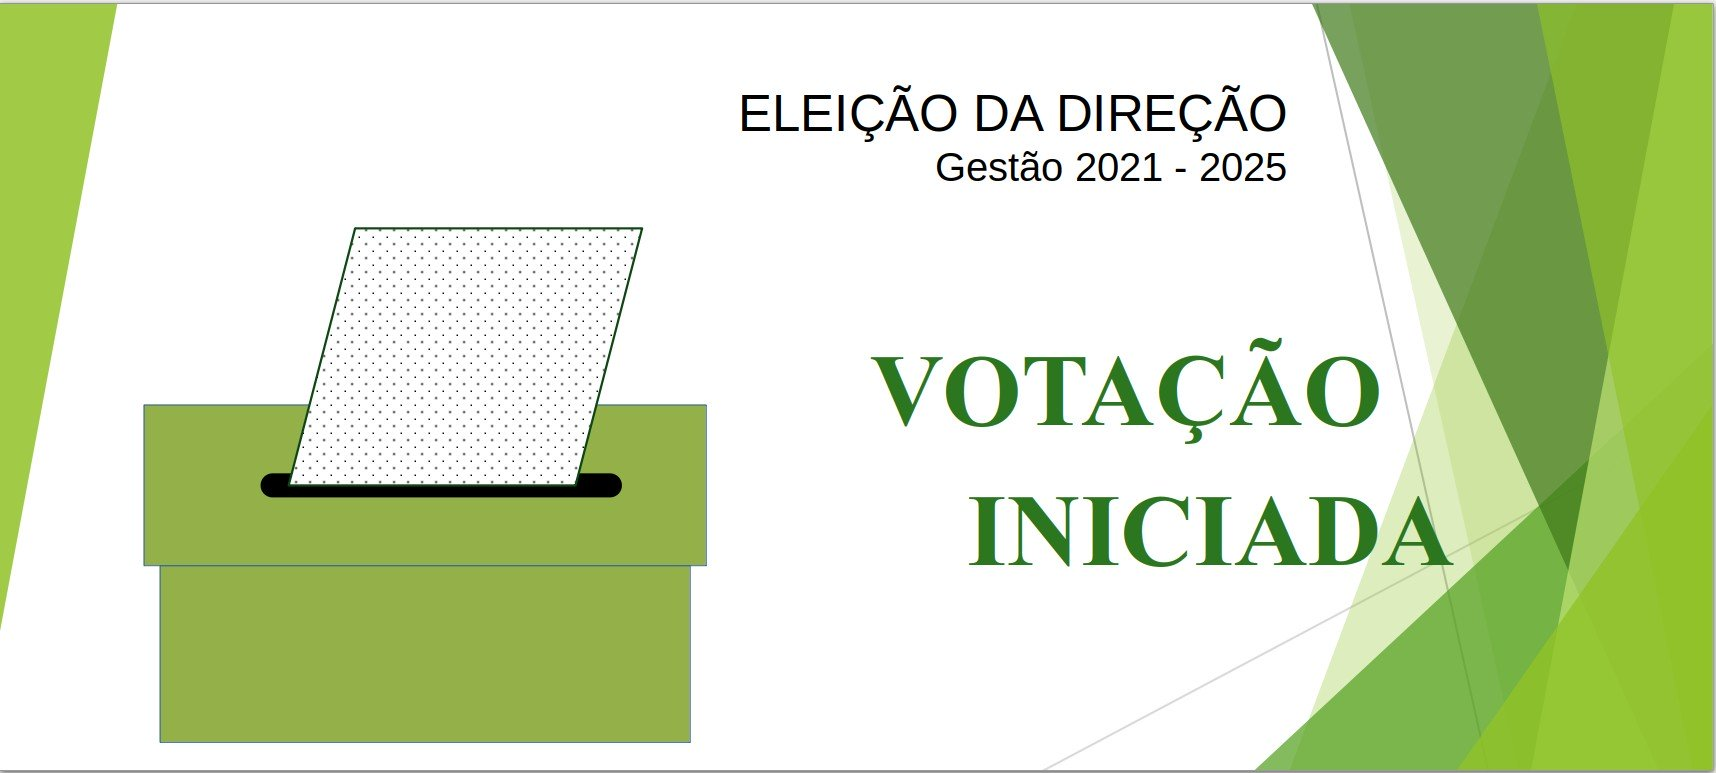 ELEIÇÕES ICE - LINKS PARA VOTAÇÃO DISPONÍVEIS